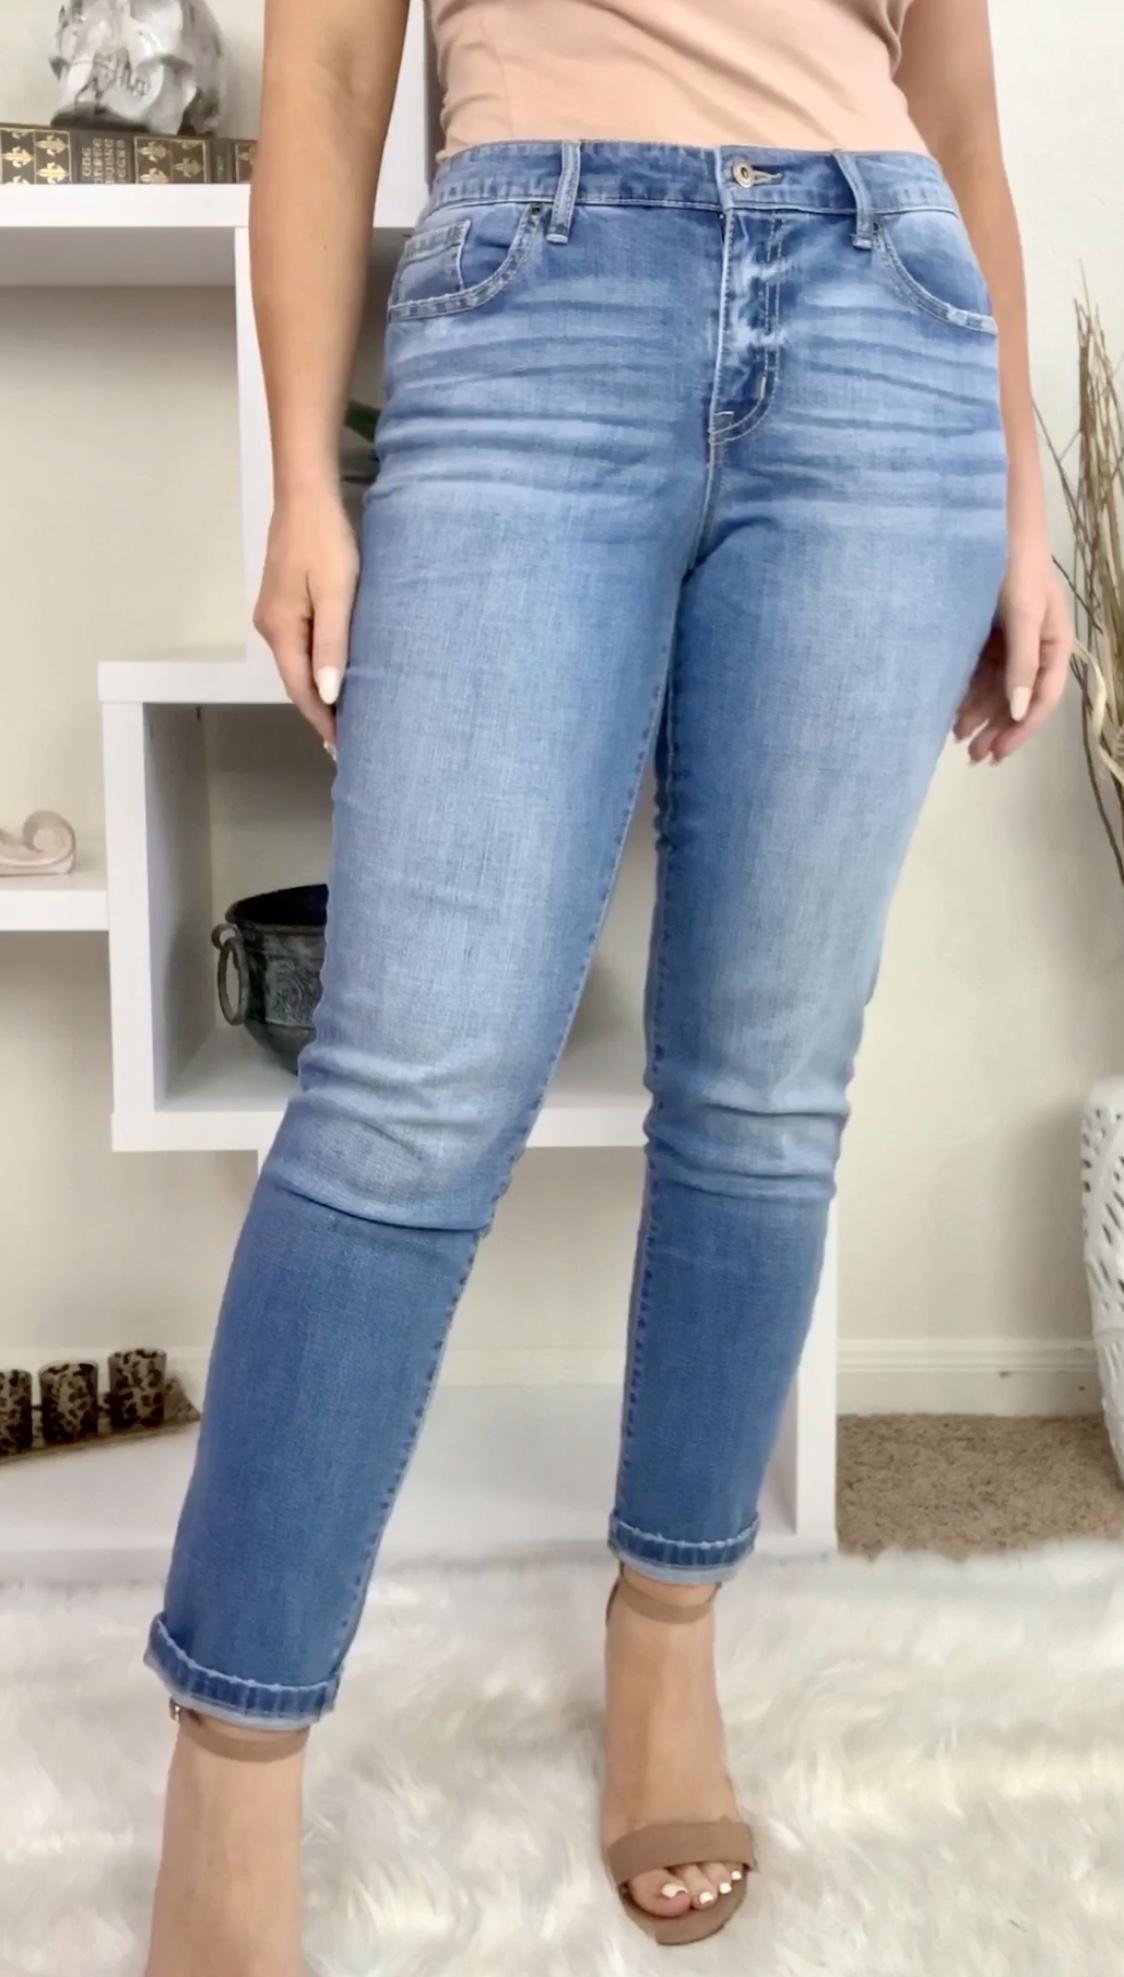 Walmart Jeans 10